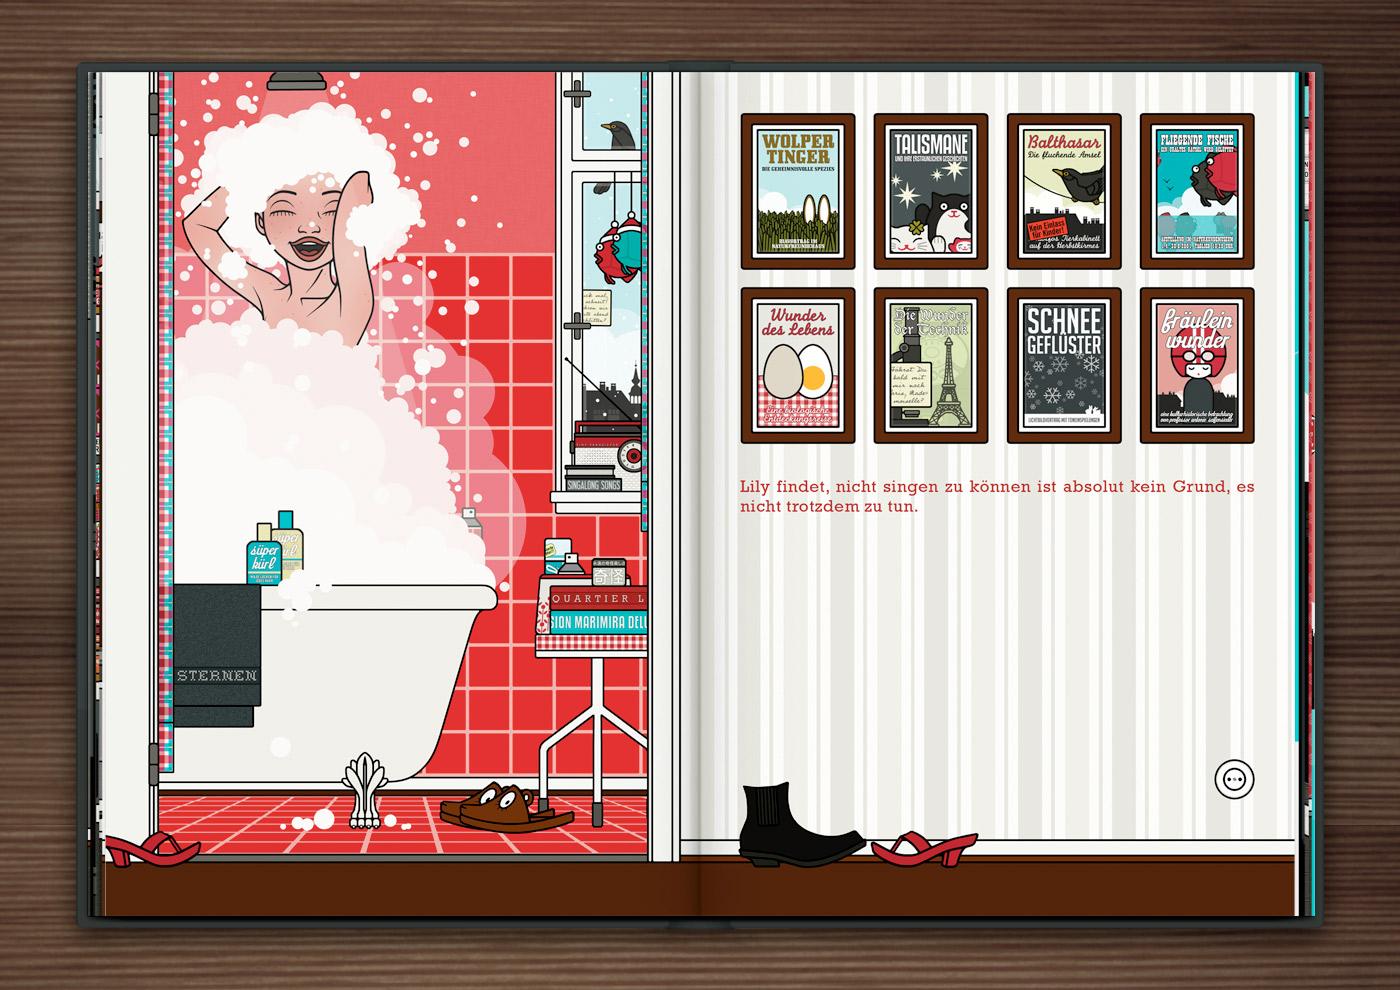 Zeichnung von Mädchen beim Singen unter der Dusche mit viel Schaum in Haar und Badewanne im roten Badezimmer im Buch Die wunderbare Welt der Lily Lux